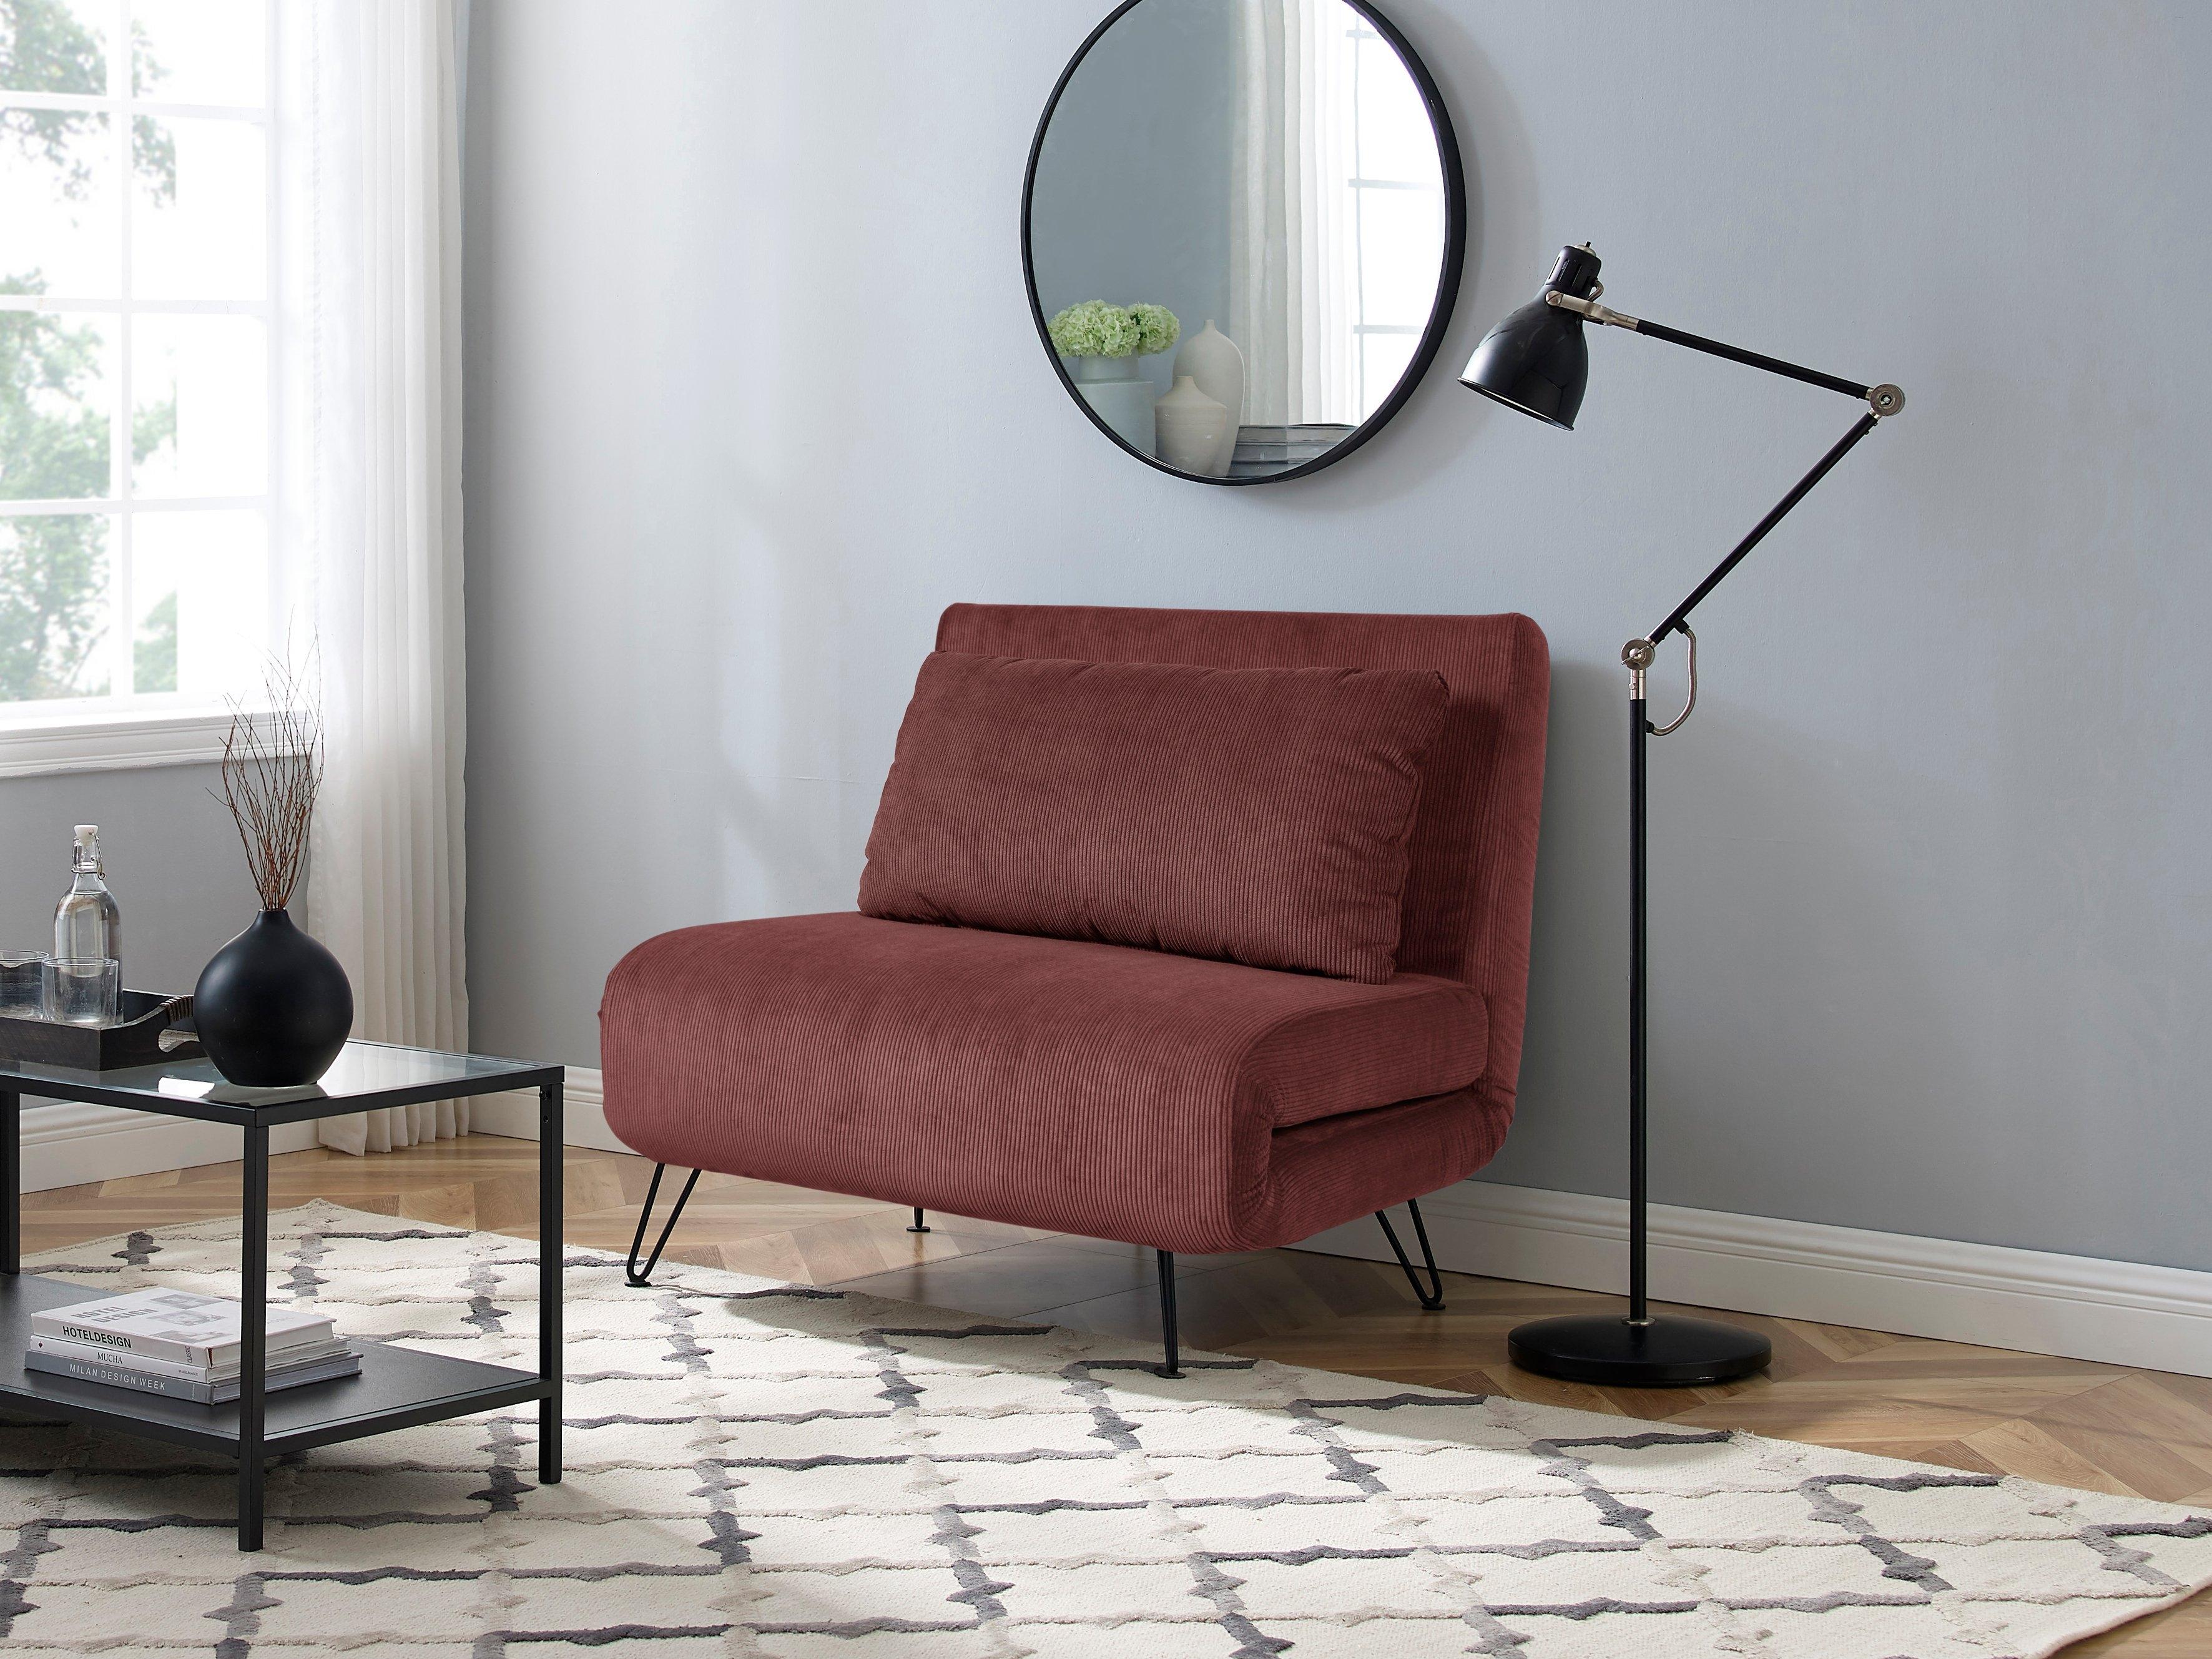 my home Slaapbank Romina met slaapfunctie, verschillende kleuren en kwaliteiten te bestellen online kopen op otto.nl